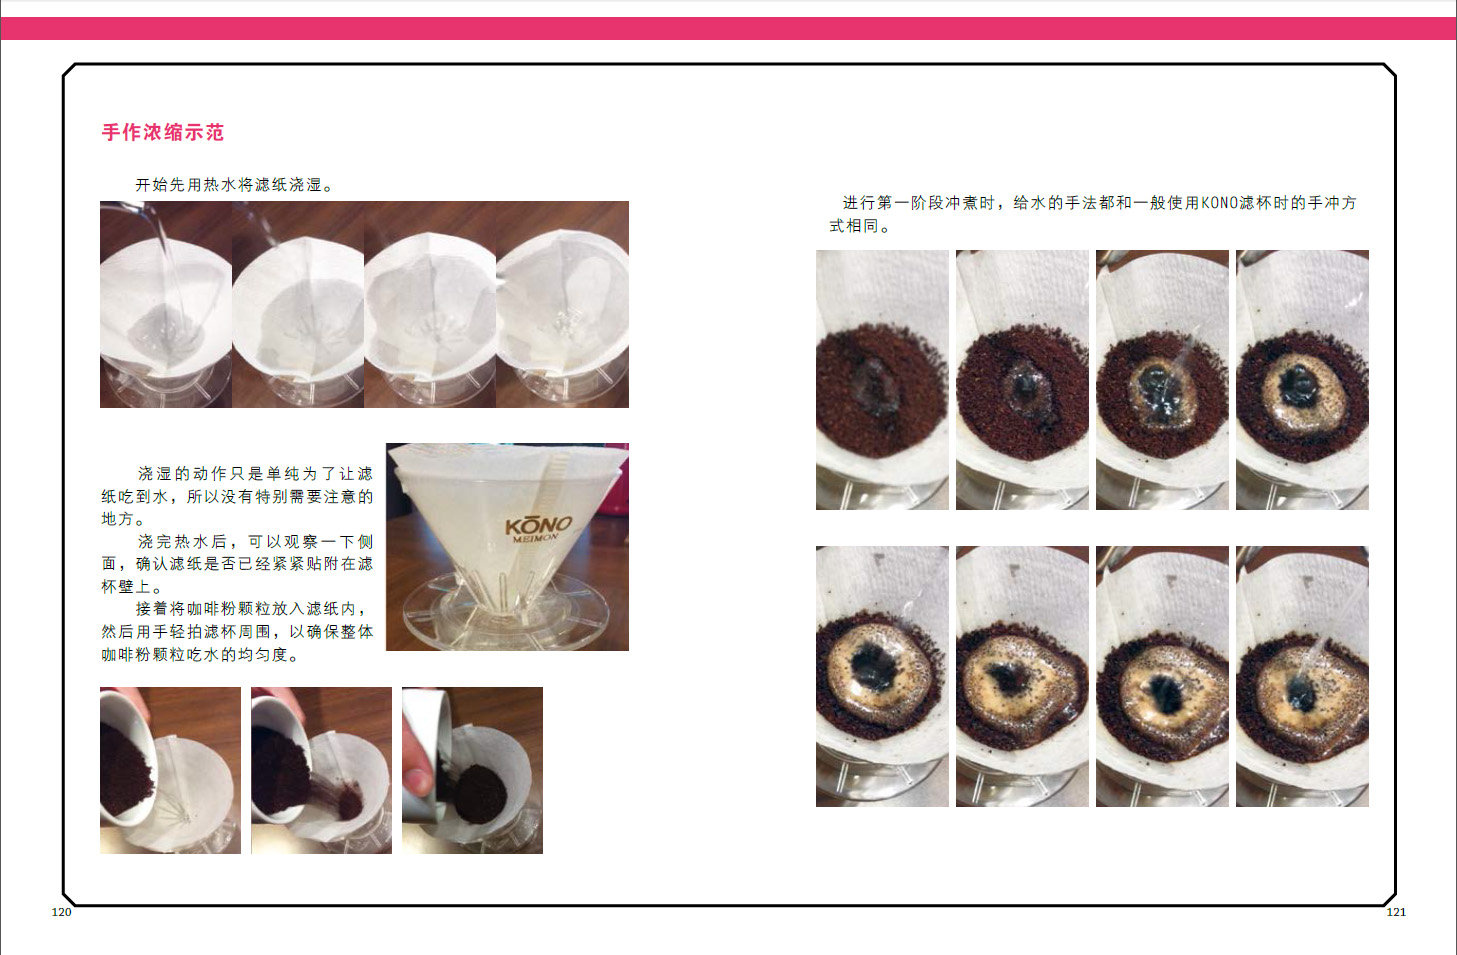 4本 手冲咖啡 完美萃取 究极咖啡 咖啡拉花艺术 咖啡制作技巧教程书籍